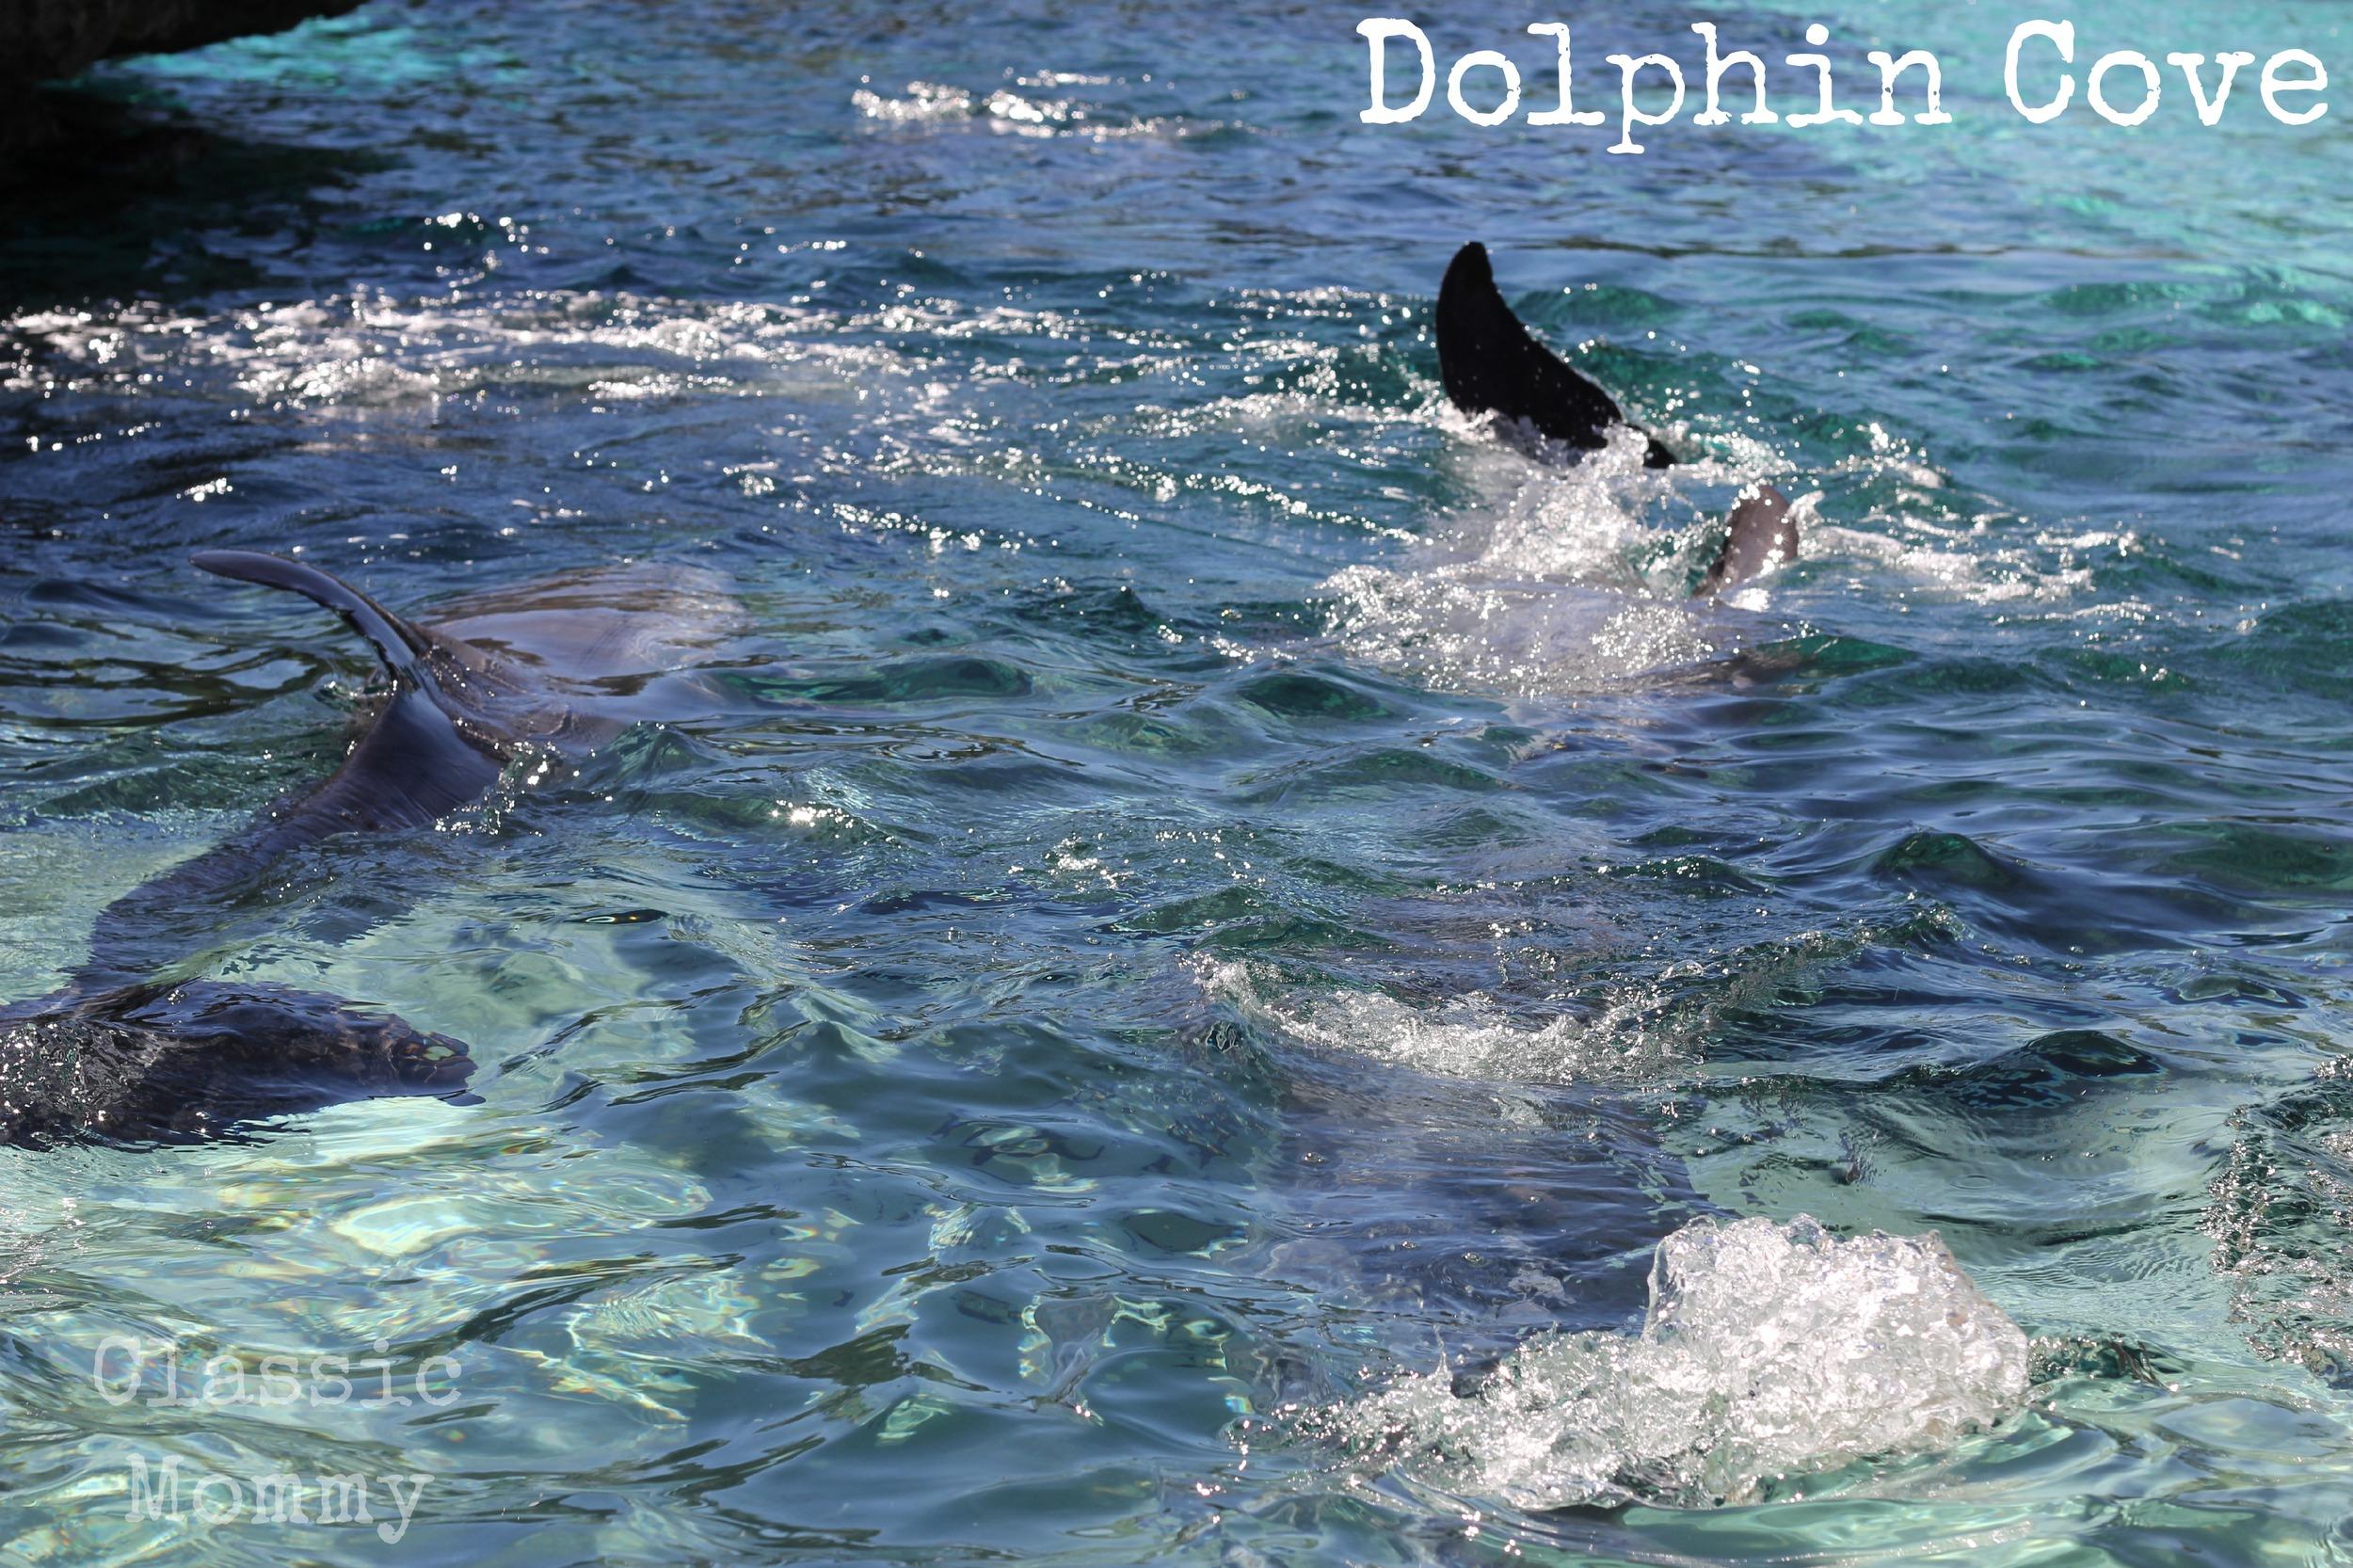 dolphin cove seaworld orlando